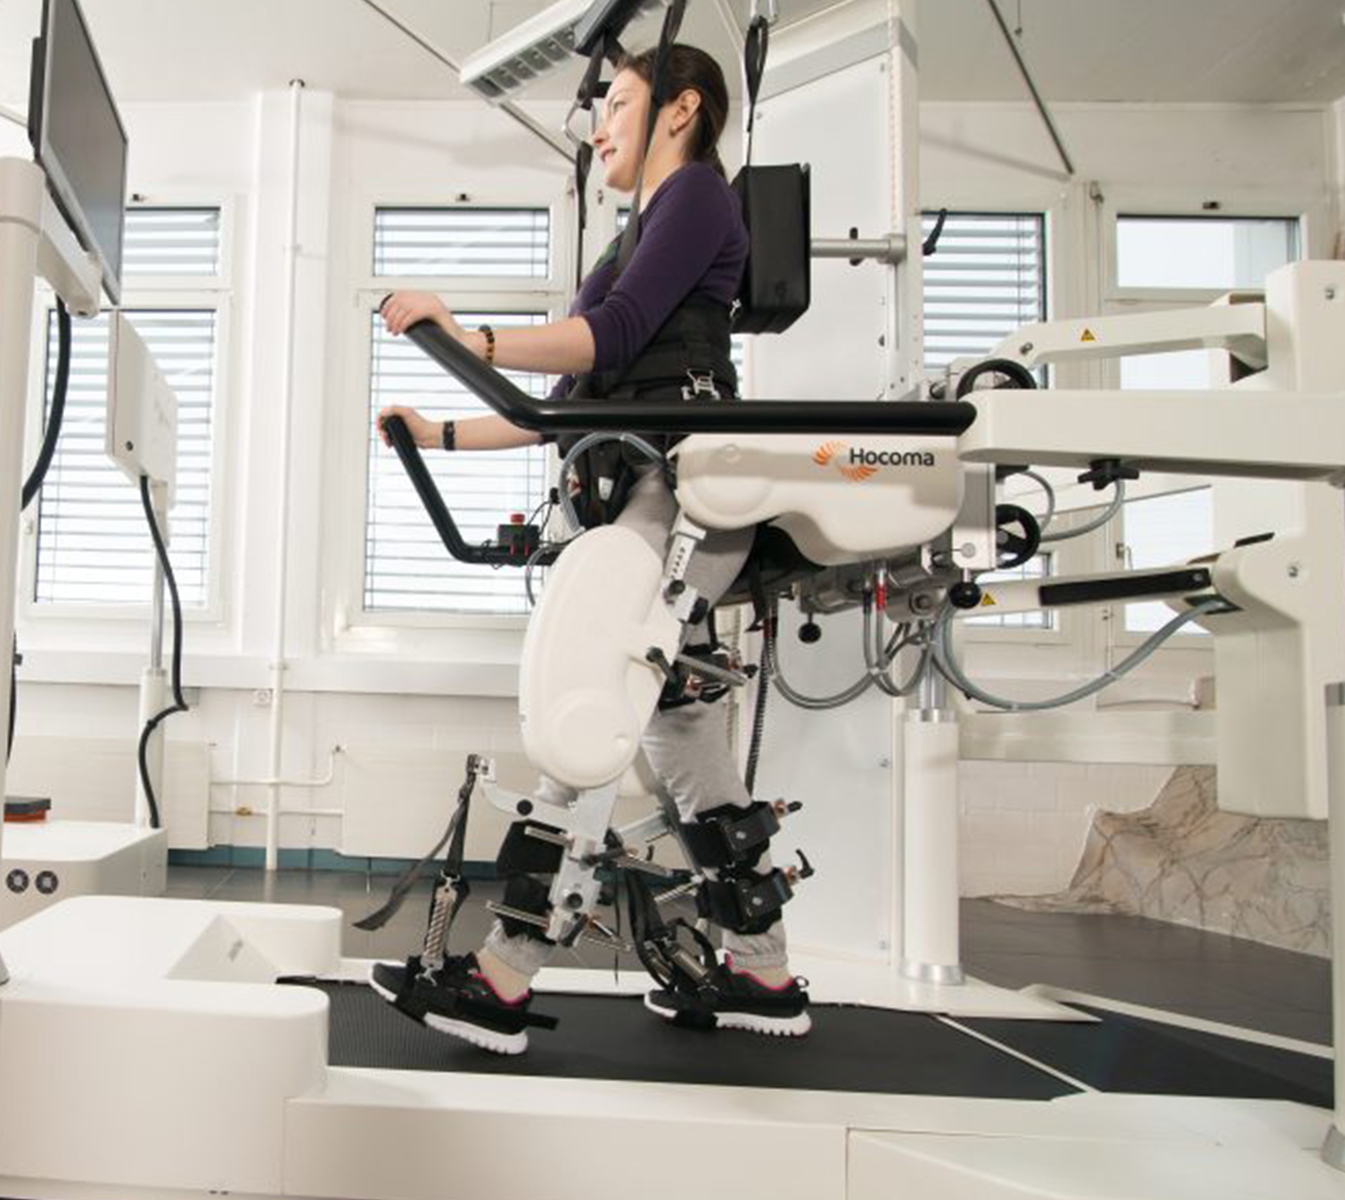 Lokomat® (Hocoma) Neuroriabilitazione e Robotica